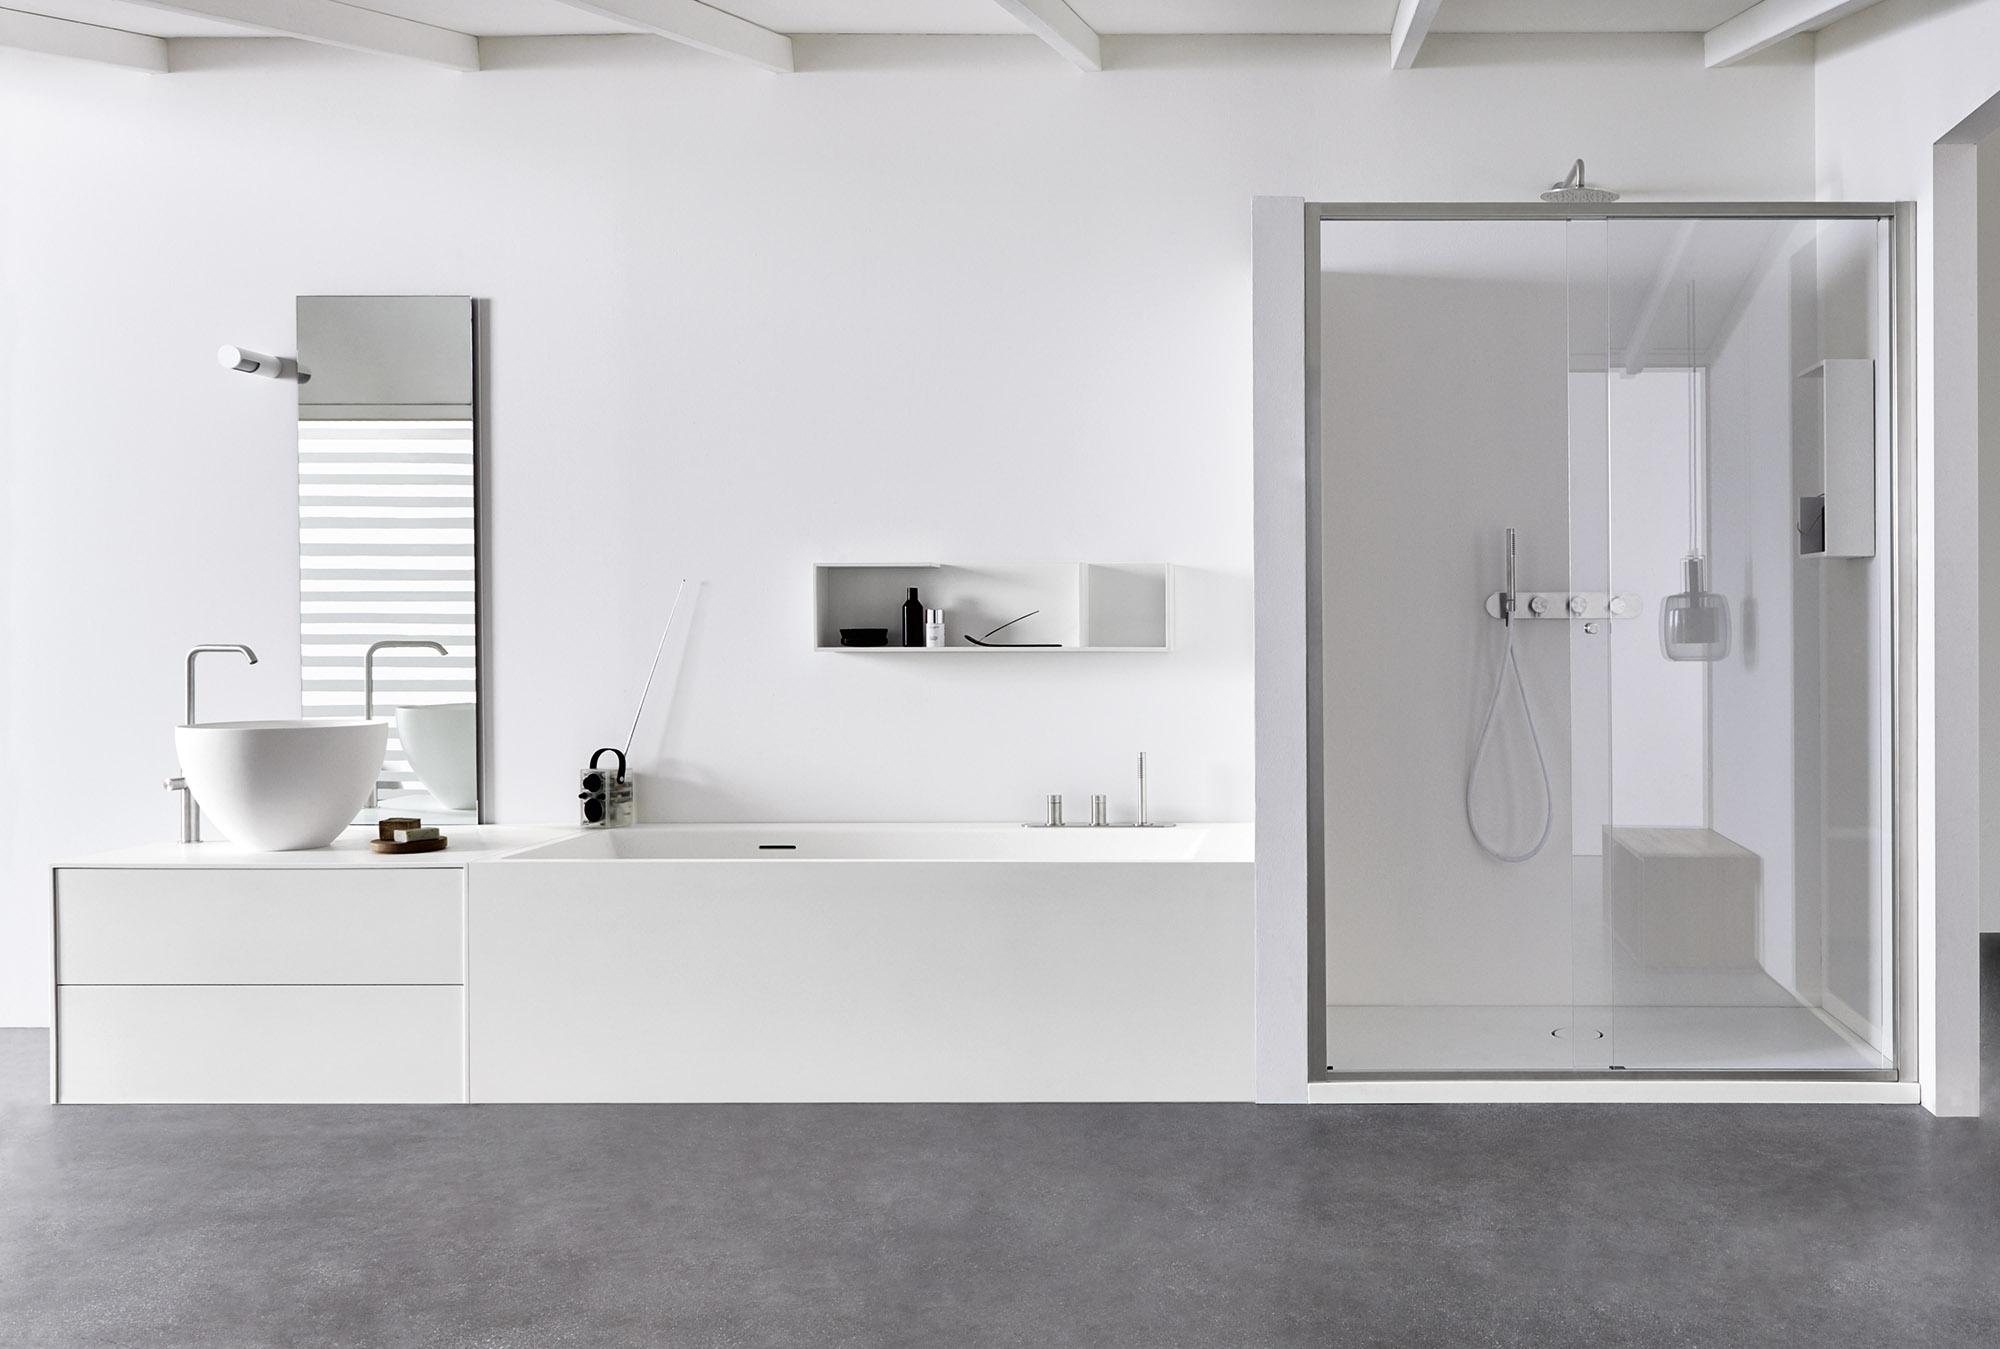 Gruppo doccia con doccino for Gruppo doccia